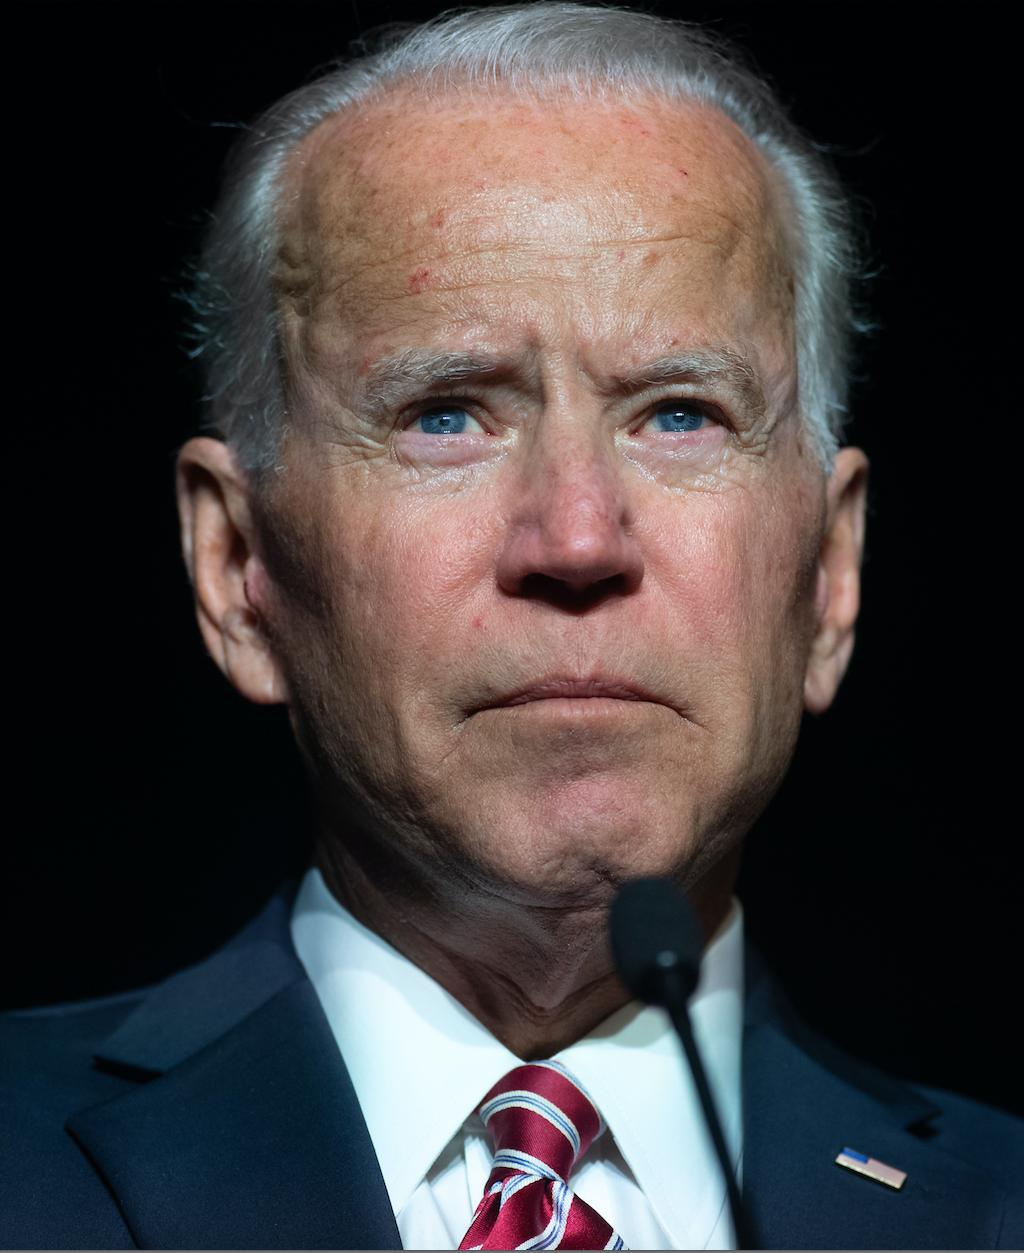 Steve King calls Joe Biden 'an affectionate guy' as allegations against the former VP swirl